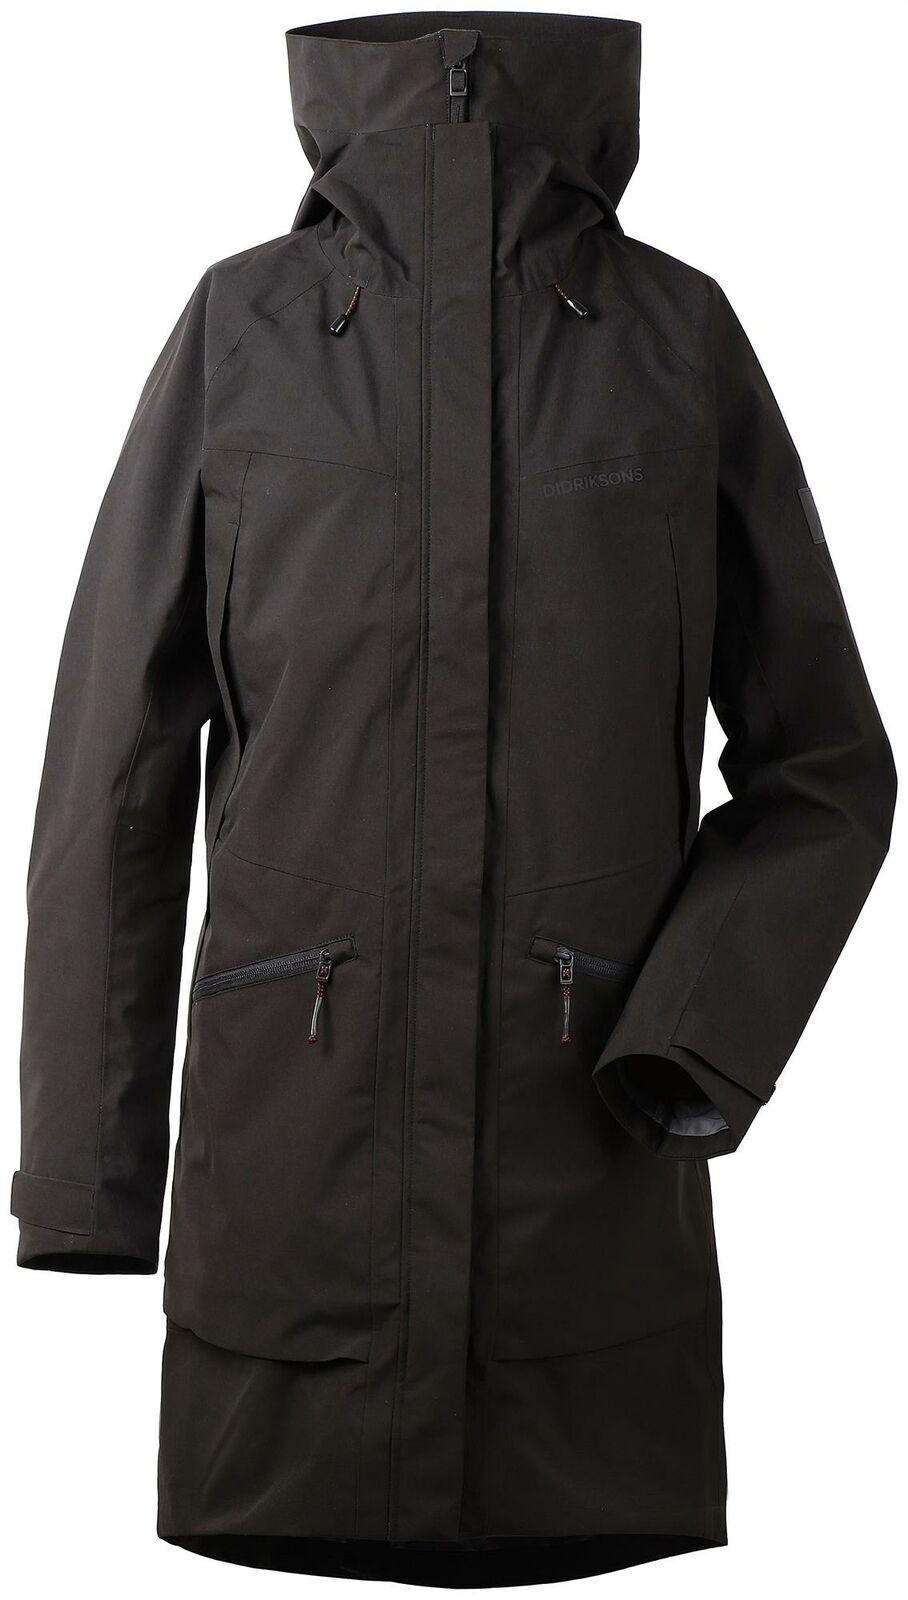 Didriksons Ilma damen Waterproof Parka Breathable Lightweight Lightweight Lightweight Long Coat | Starke Hitze- und Abnutzungsbeständigkeit  | Elegante Form  | Konzentrieren Sie sich auf das Babyleben  | Attraktiv Und Langlebig  | Leicht zu reinigende Oberfläche  c2c469